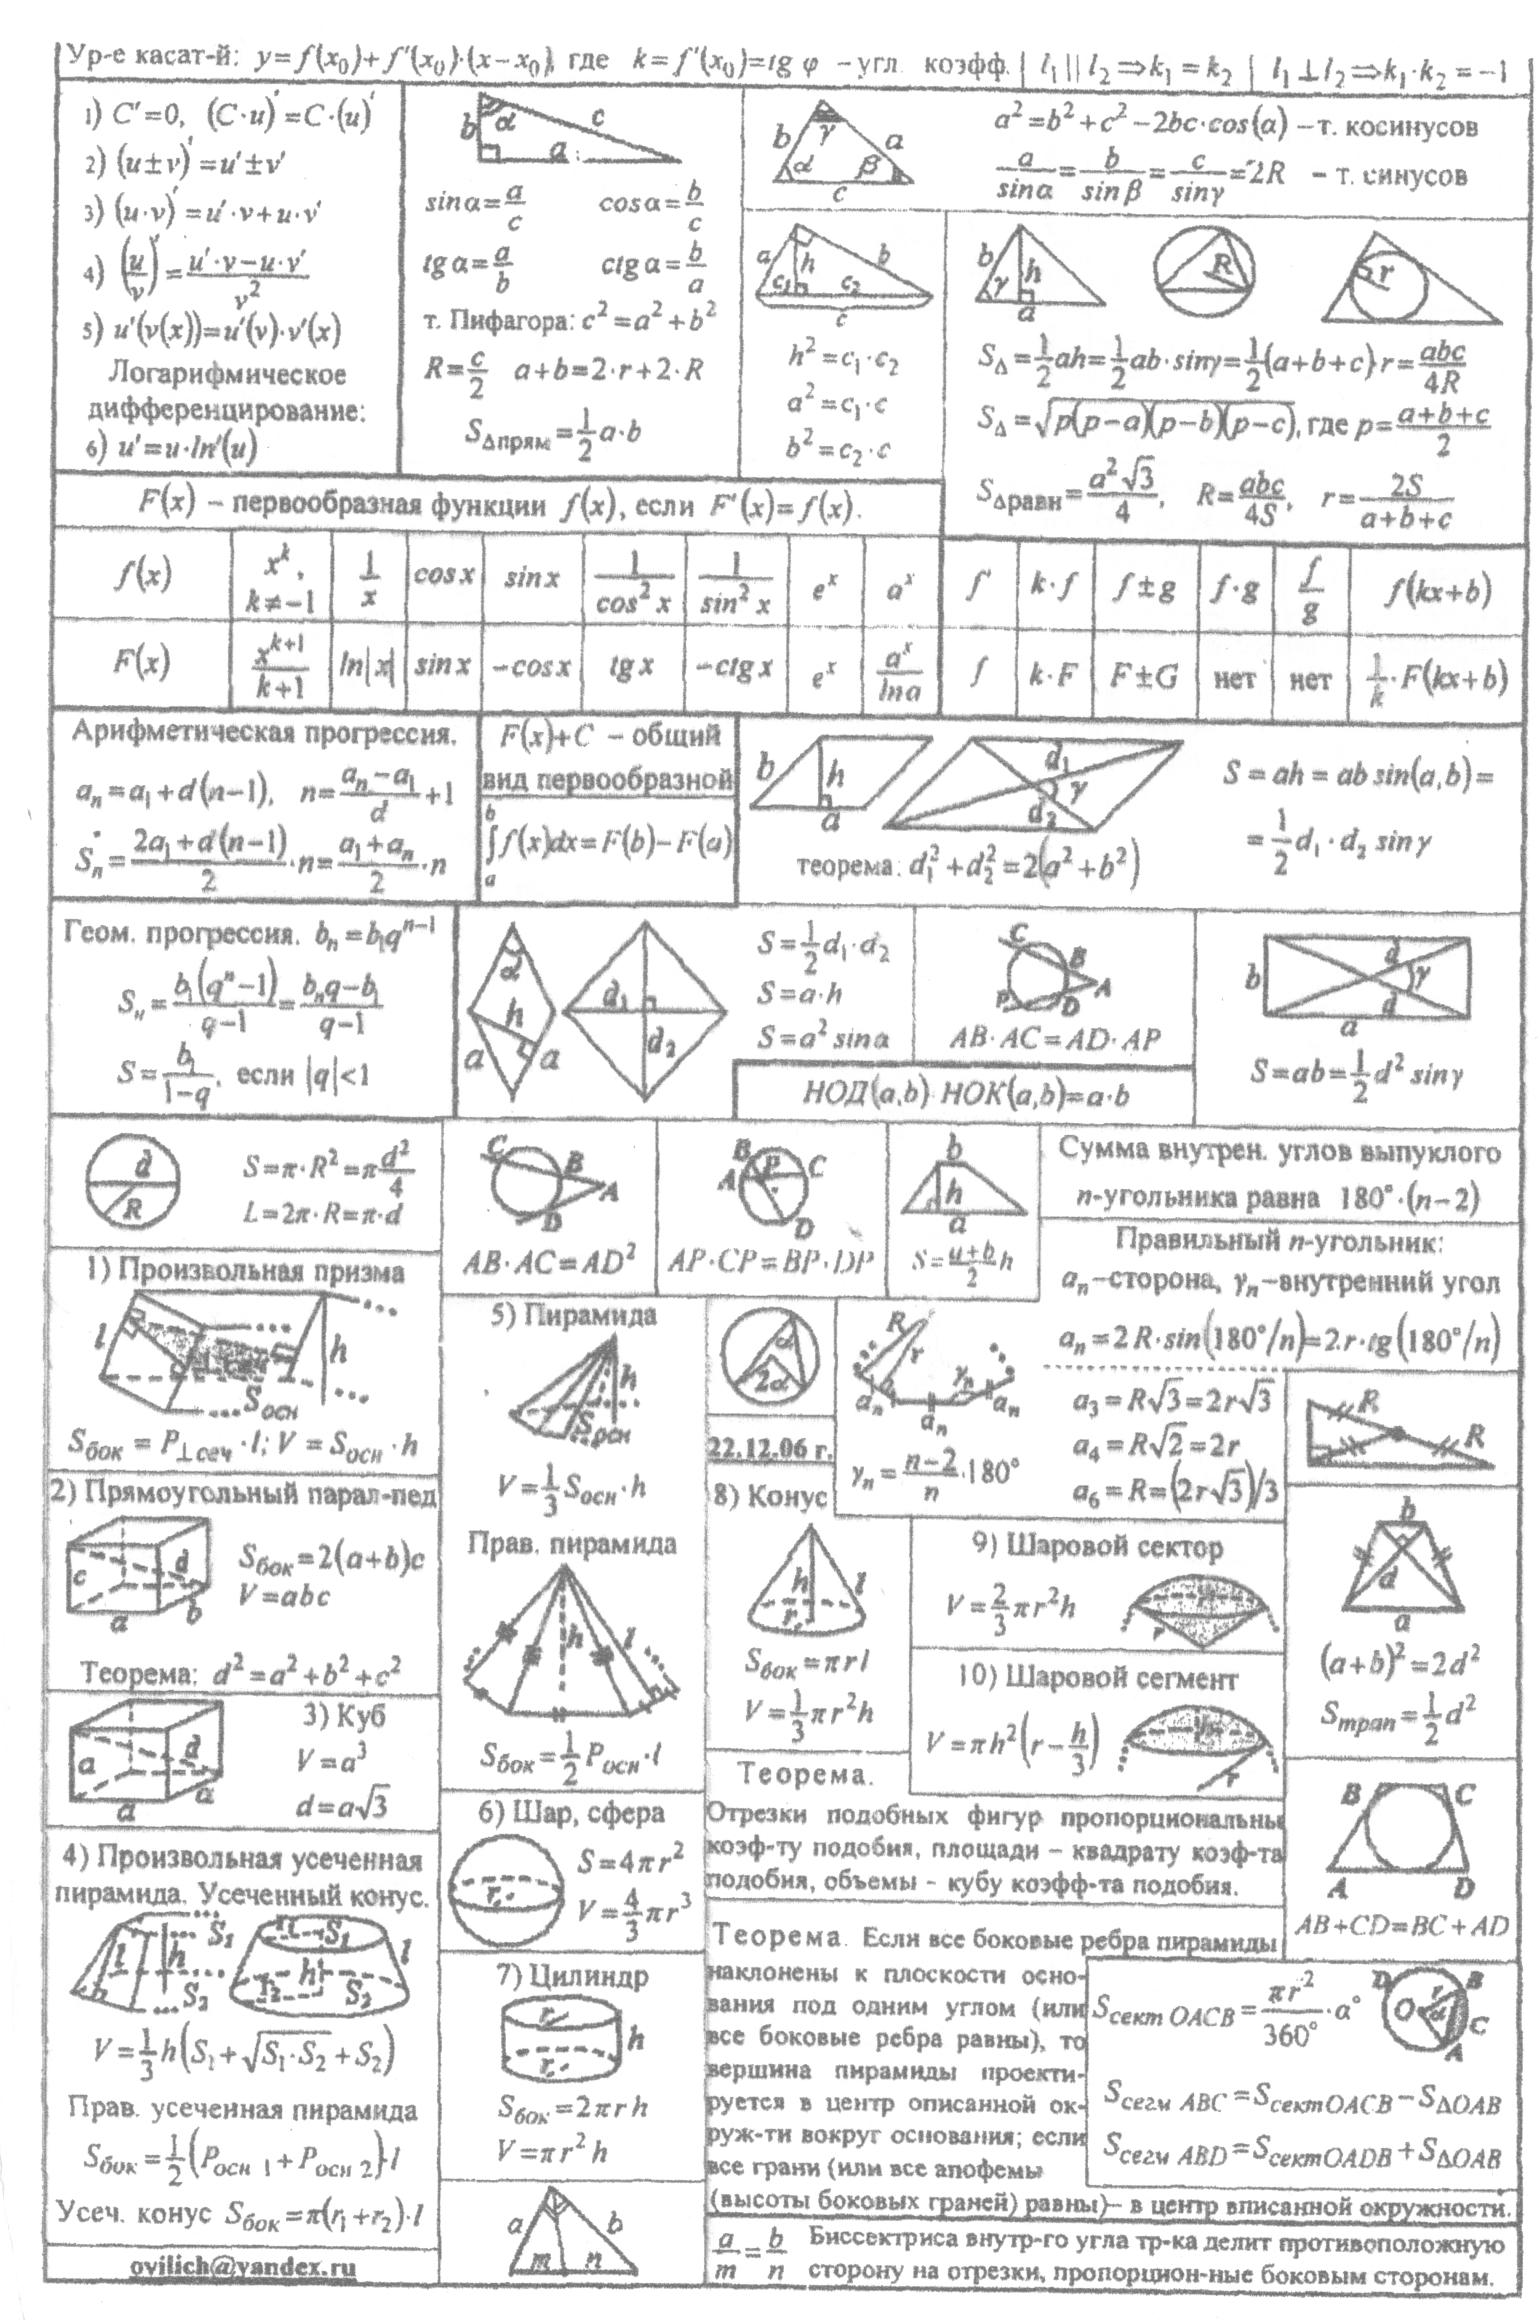 Скачать шпаргалки с формулами по геометрии